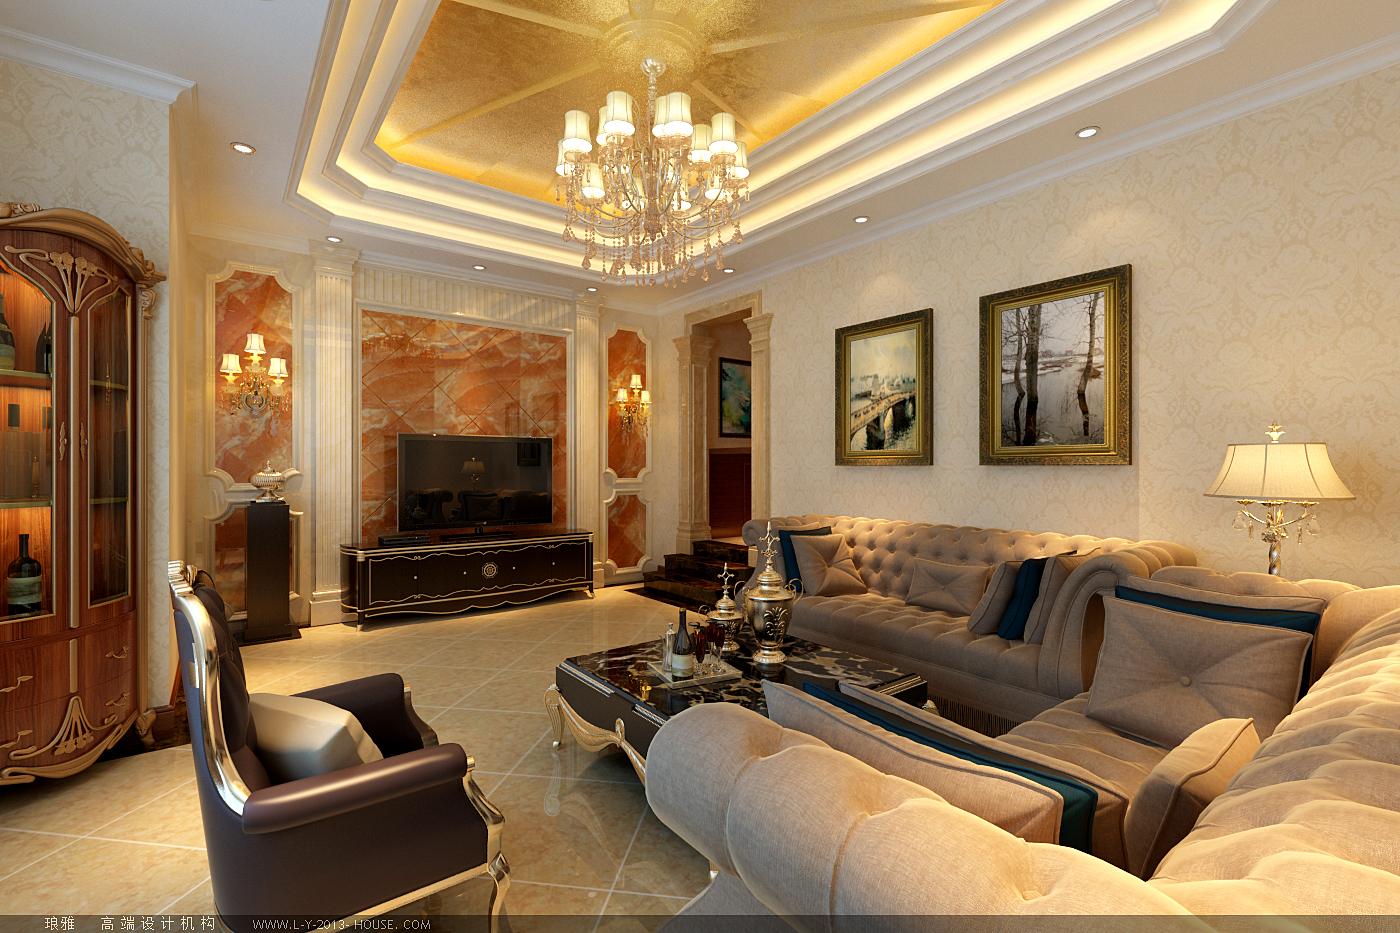 欧式 别墅 香水城 古典欧式 怀柔别墅 客厅图片来自xushuguang1983在香水城奢华345平米古典欧式别墅的分享